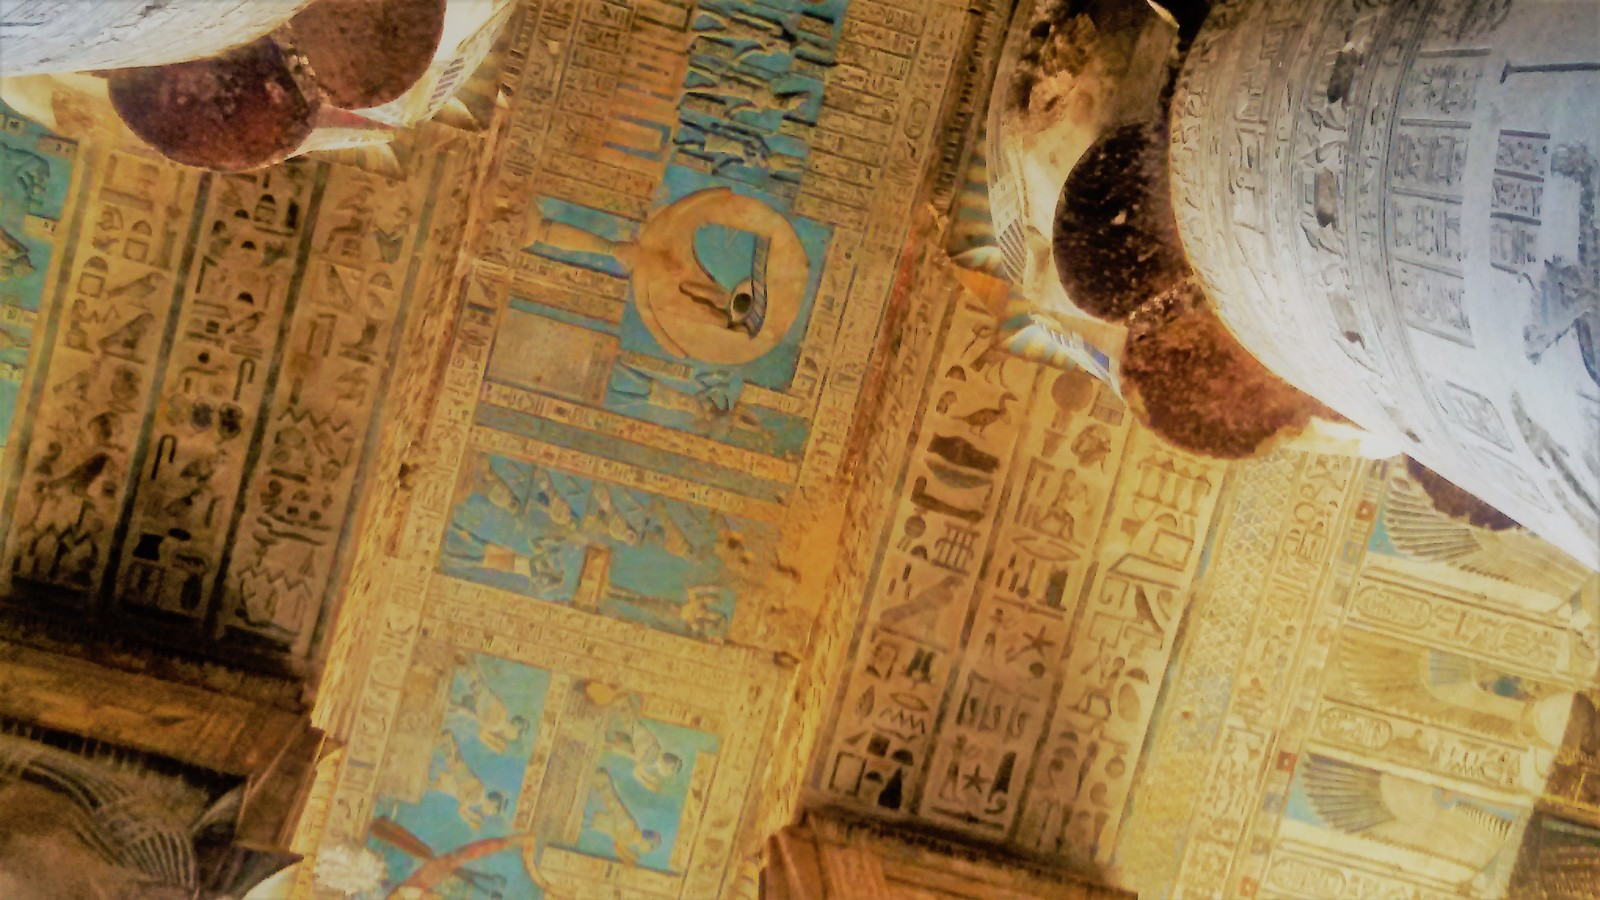 Egypt Archaeology Tour - Treasures of Egypt